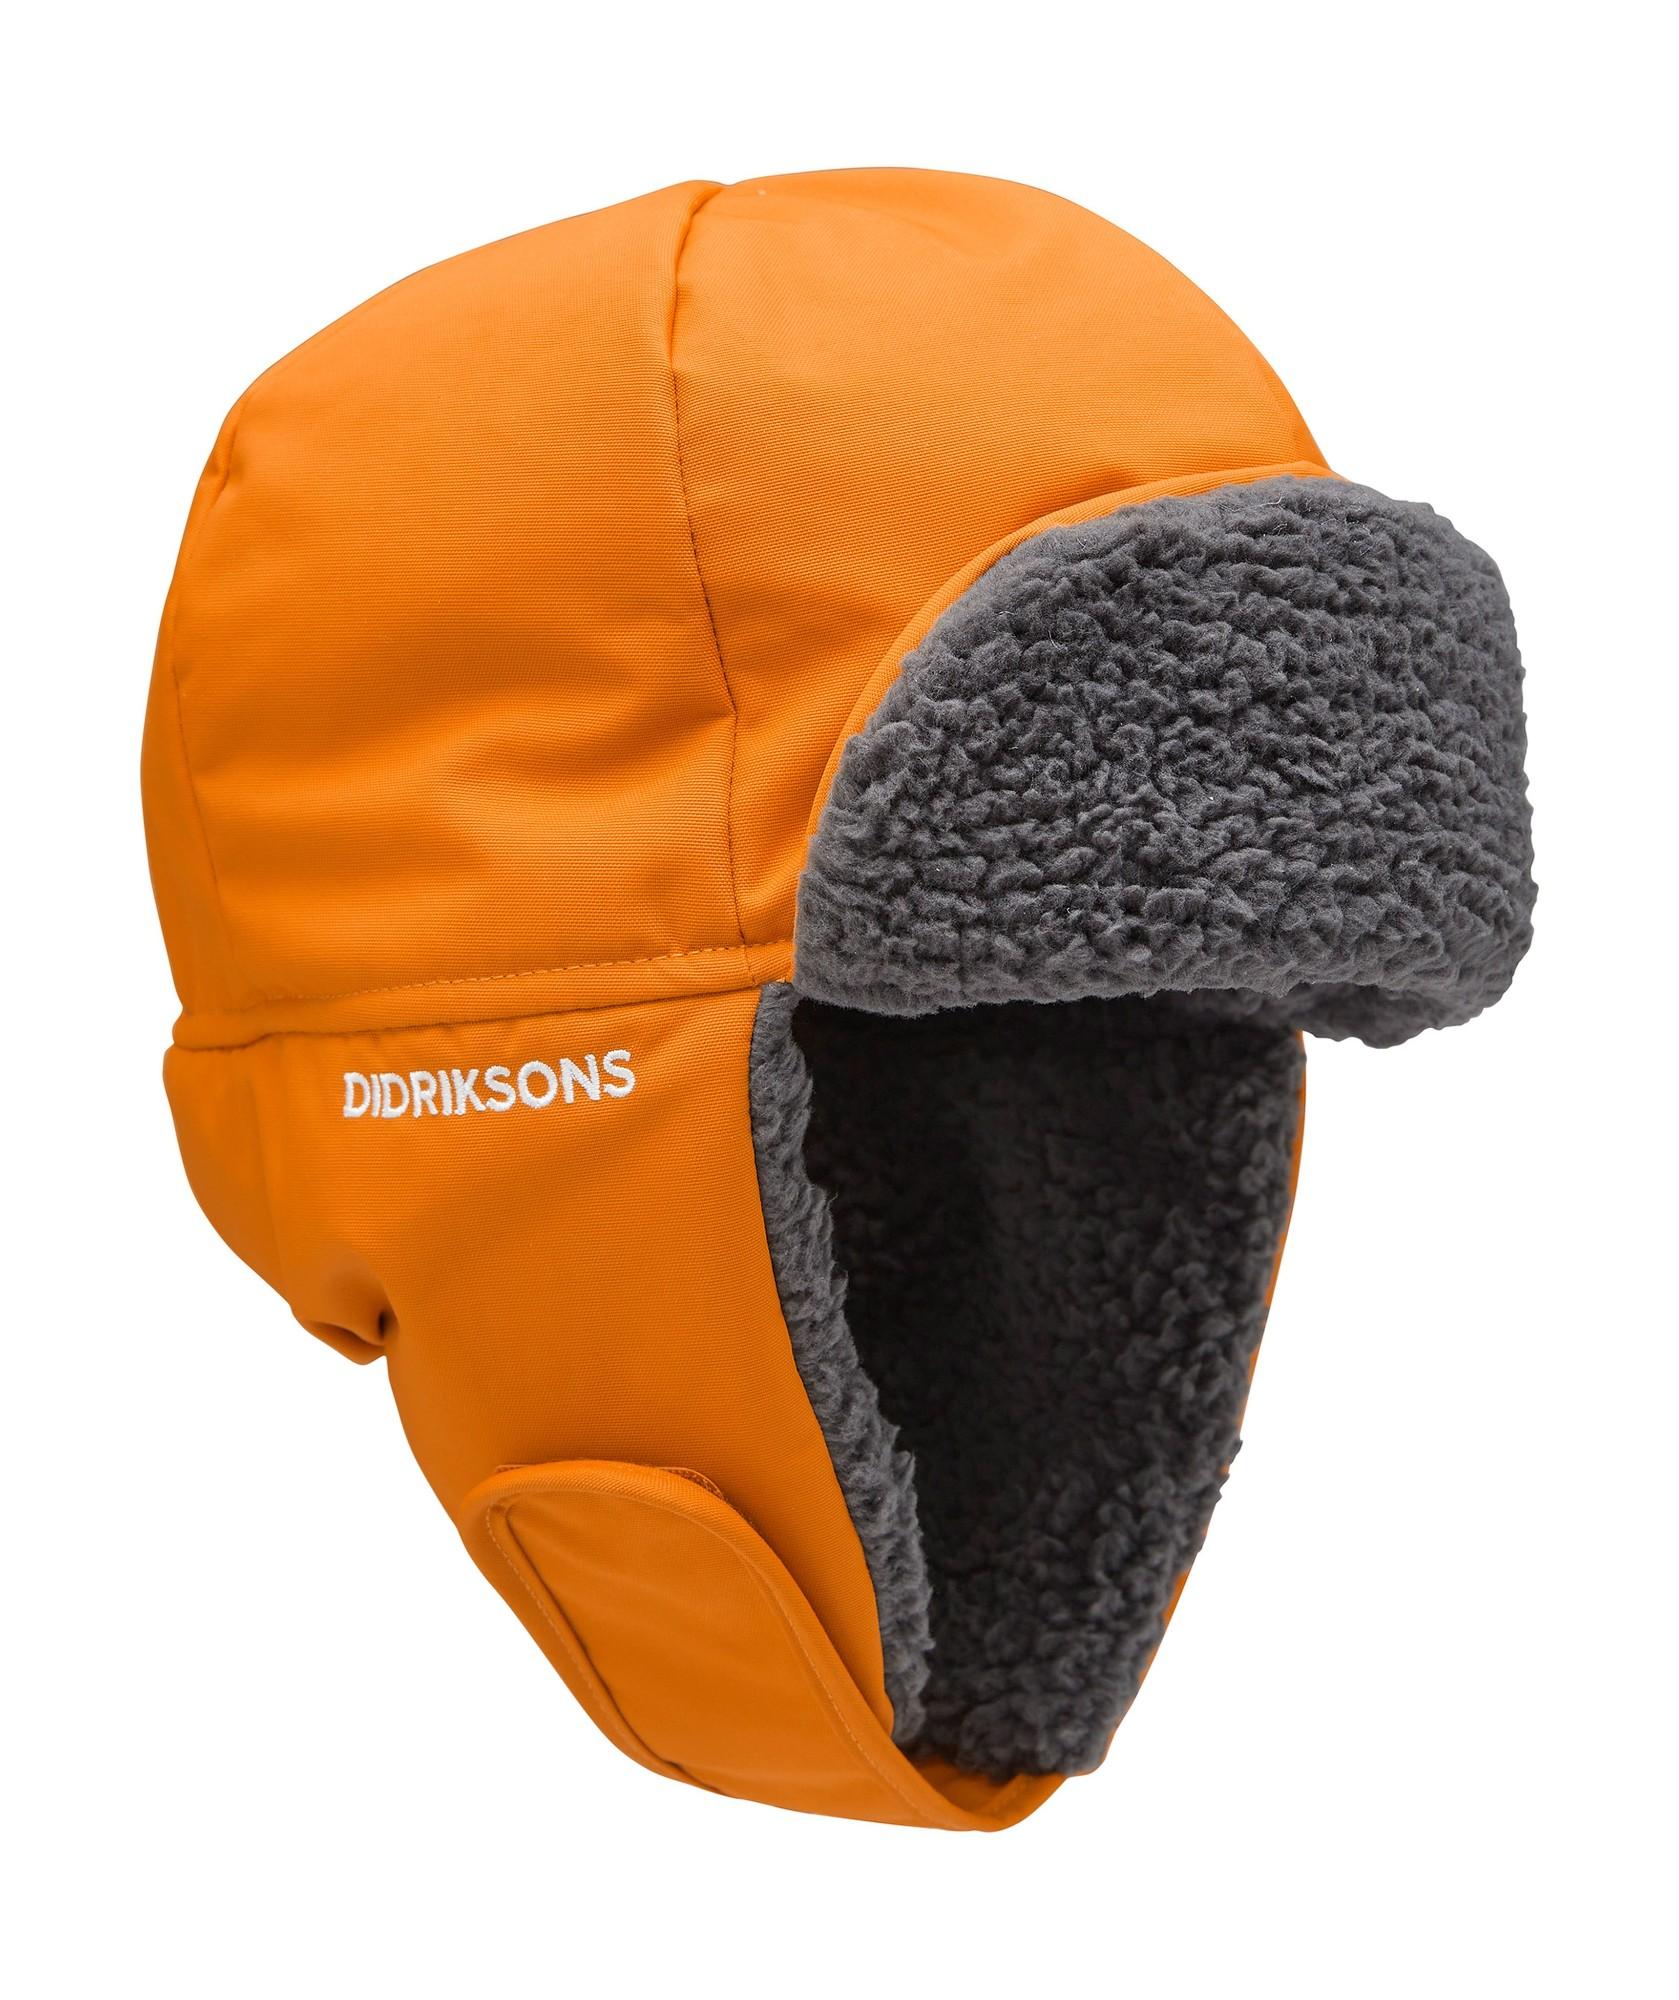 DIDRIKSONS Biggles Cap 4 Burnt Glow 52